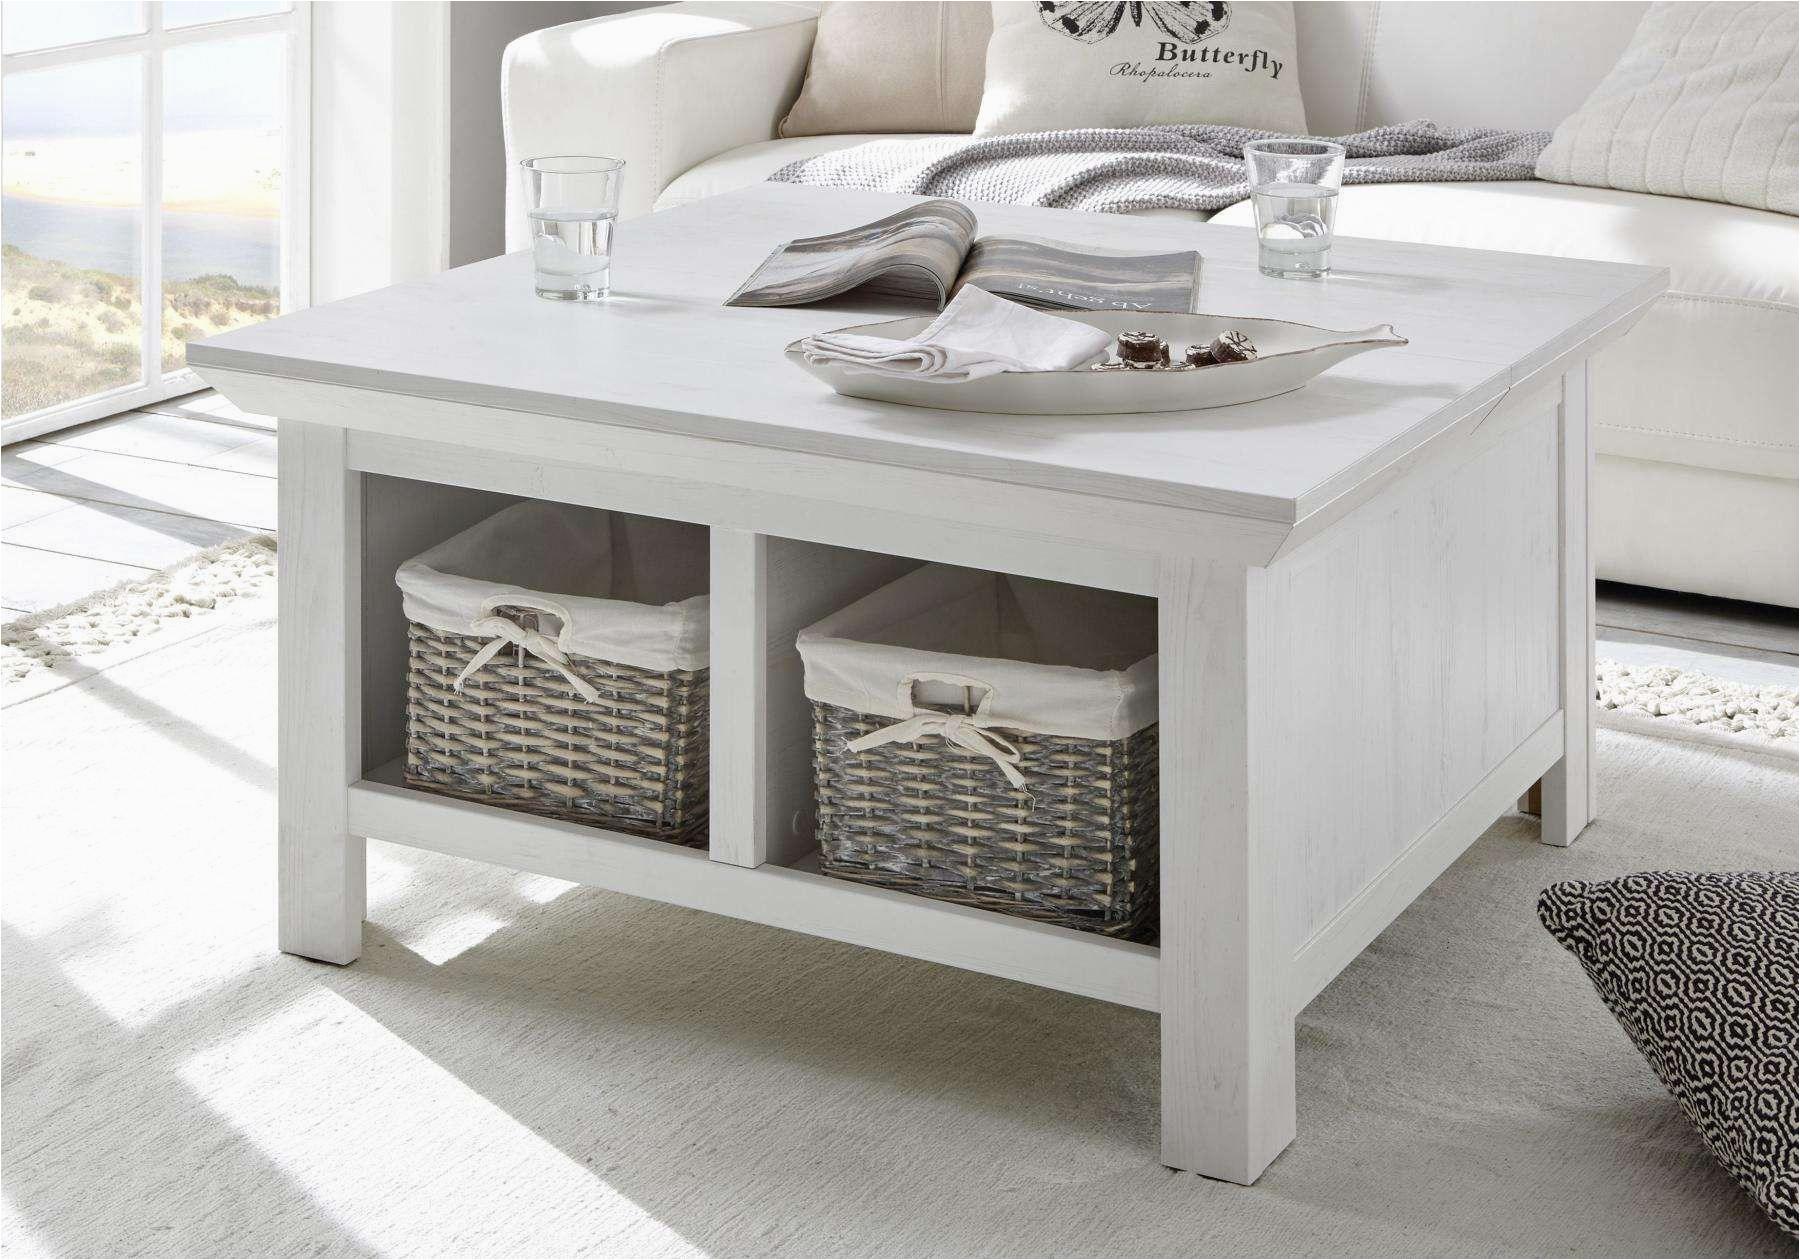 landhausstil tisch und stuehle 36 inspirierend couchtisch landhausstil grafik meinung ueber landhaus luxus